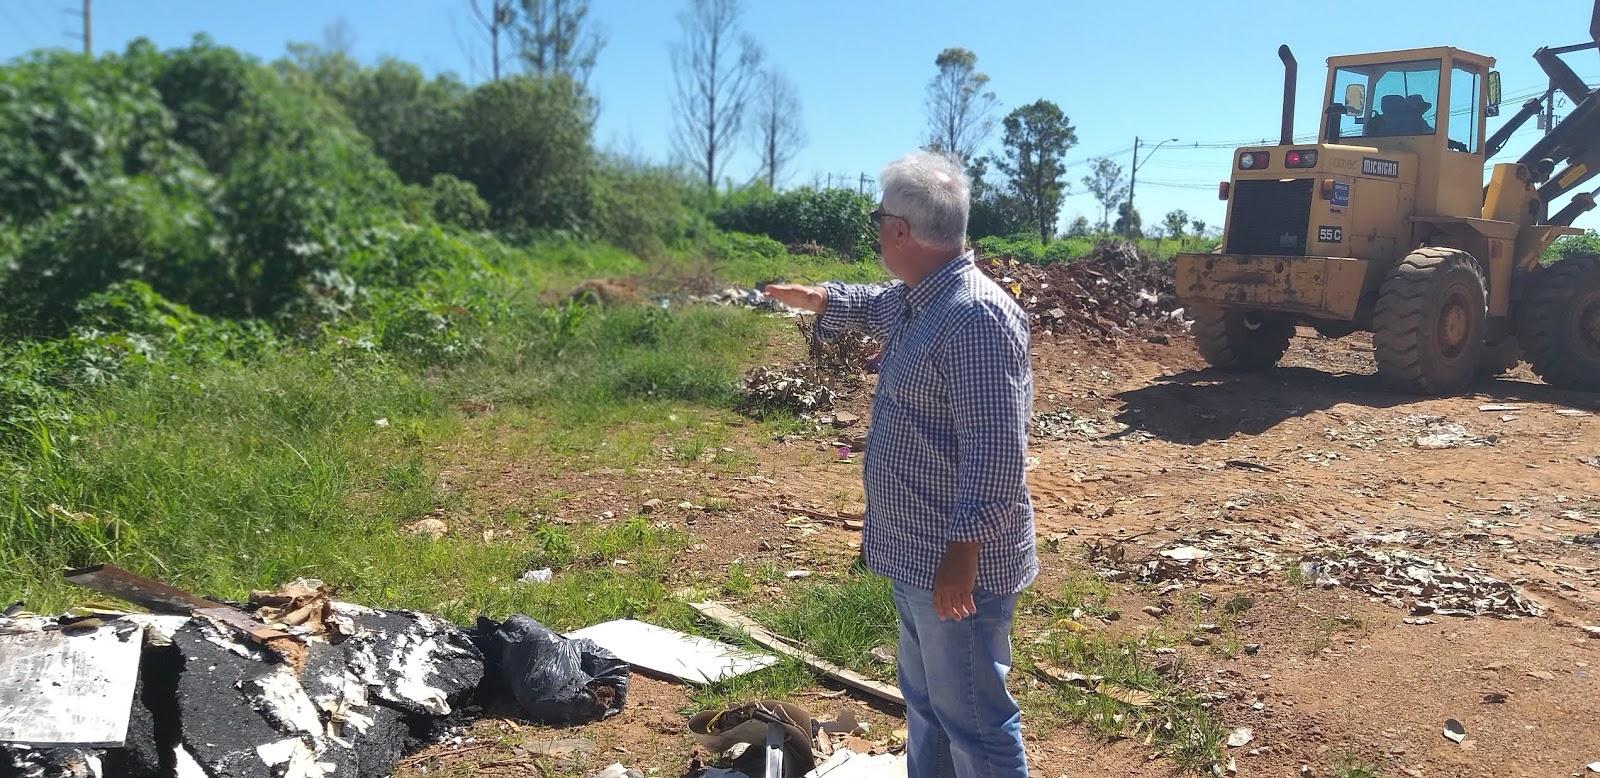 20190114 103703 - O administrador regional do Jardim Botânico, João Carlos Lóssio lançou, nesta segunda feira, ações de limpeza nas ruas que acontecerão de 14 a 16 de janeiro de 2019. SOS DF